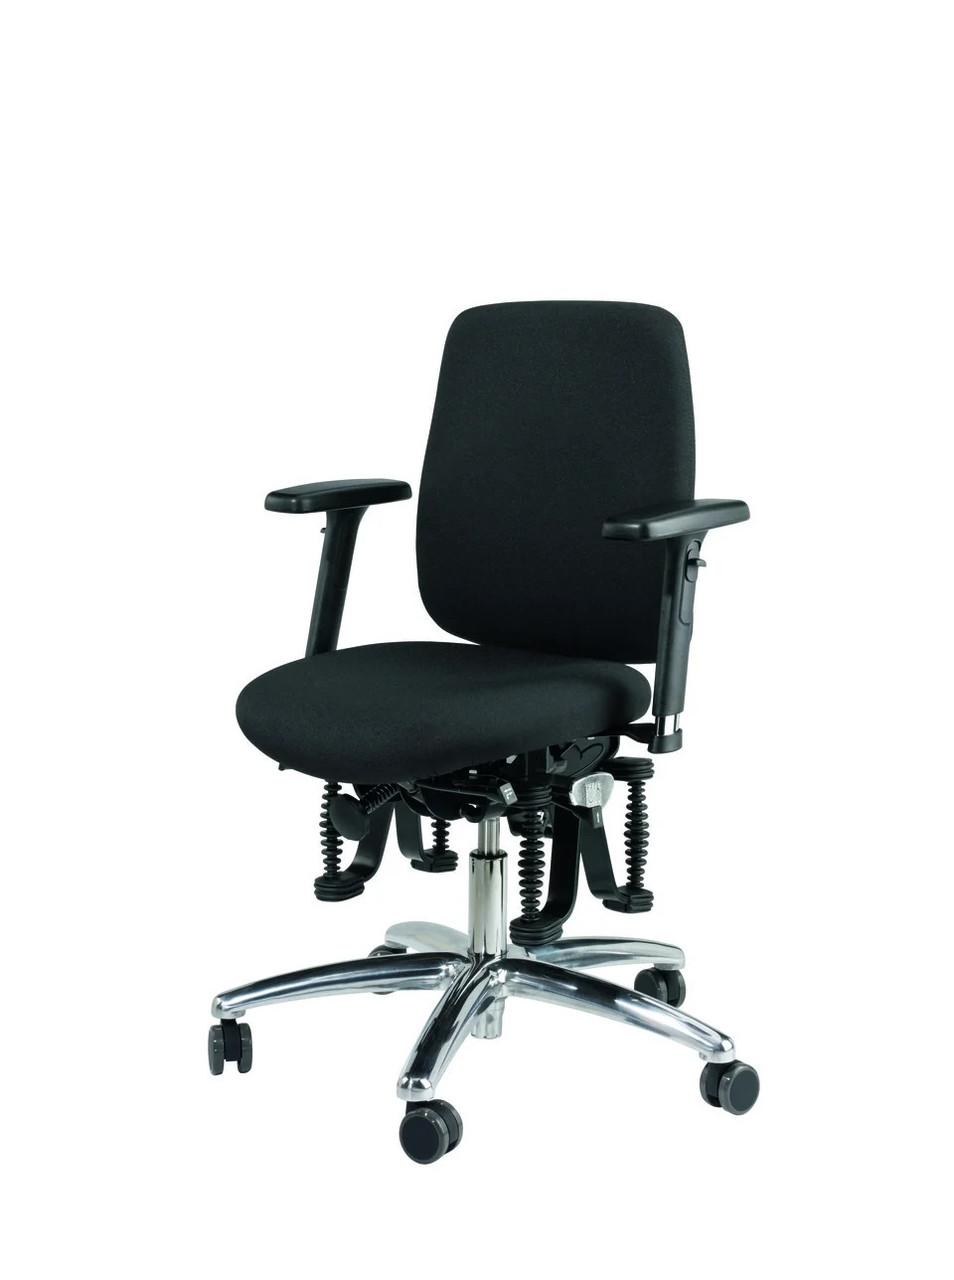 Эргономичное кресло 250/260-IQ-V